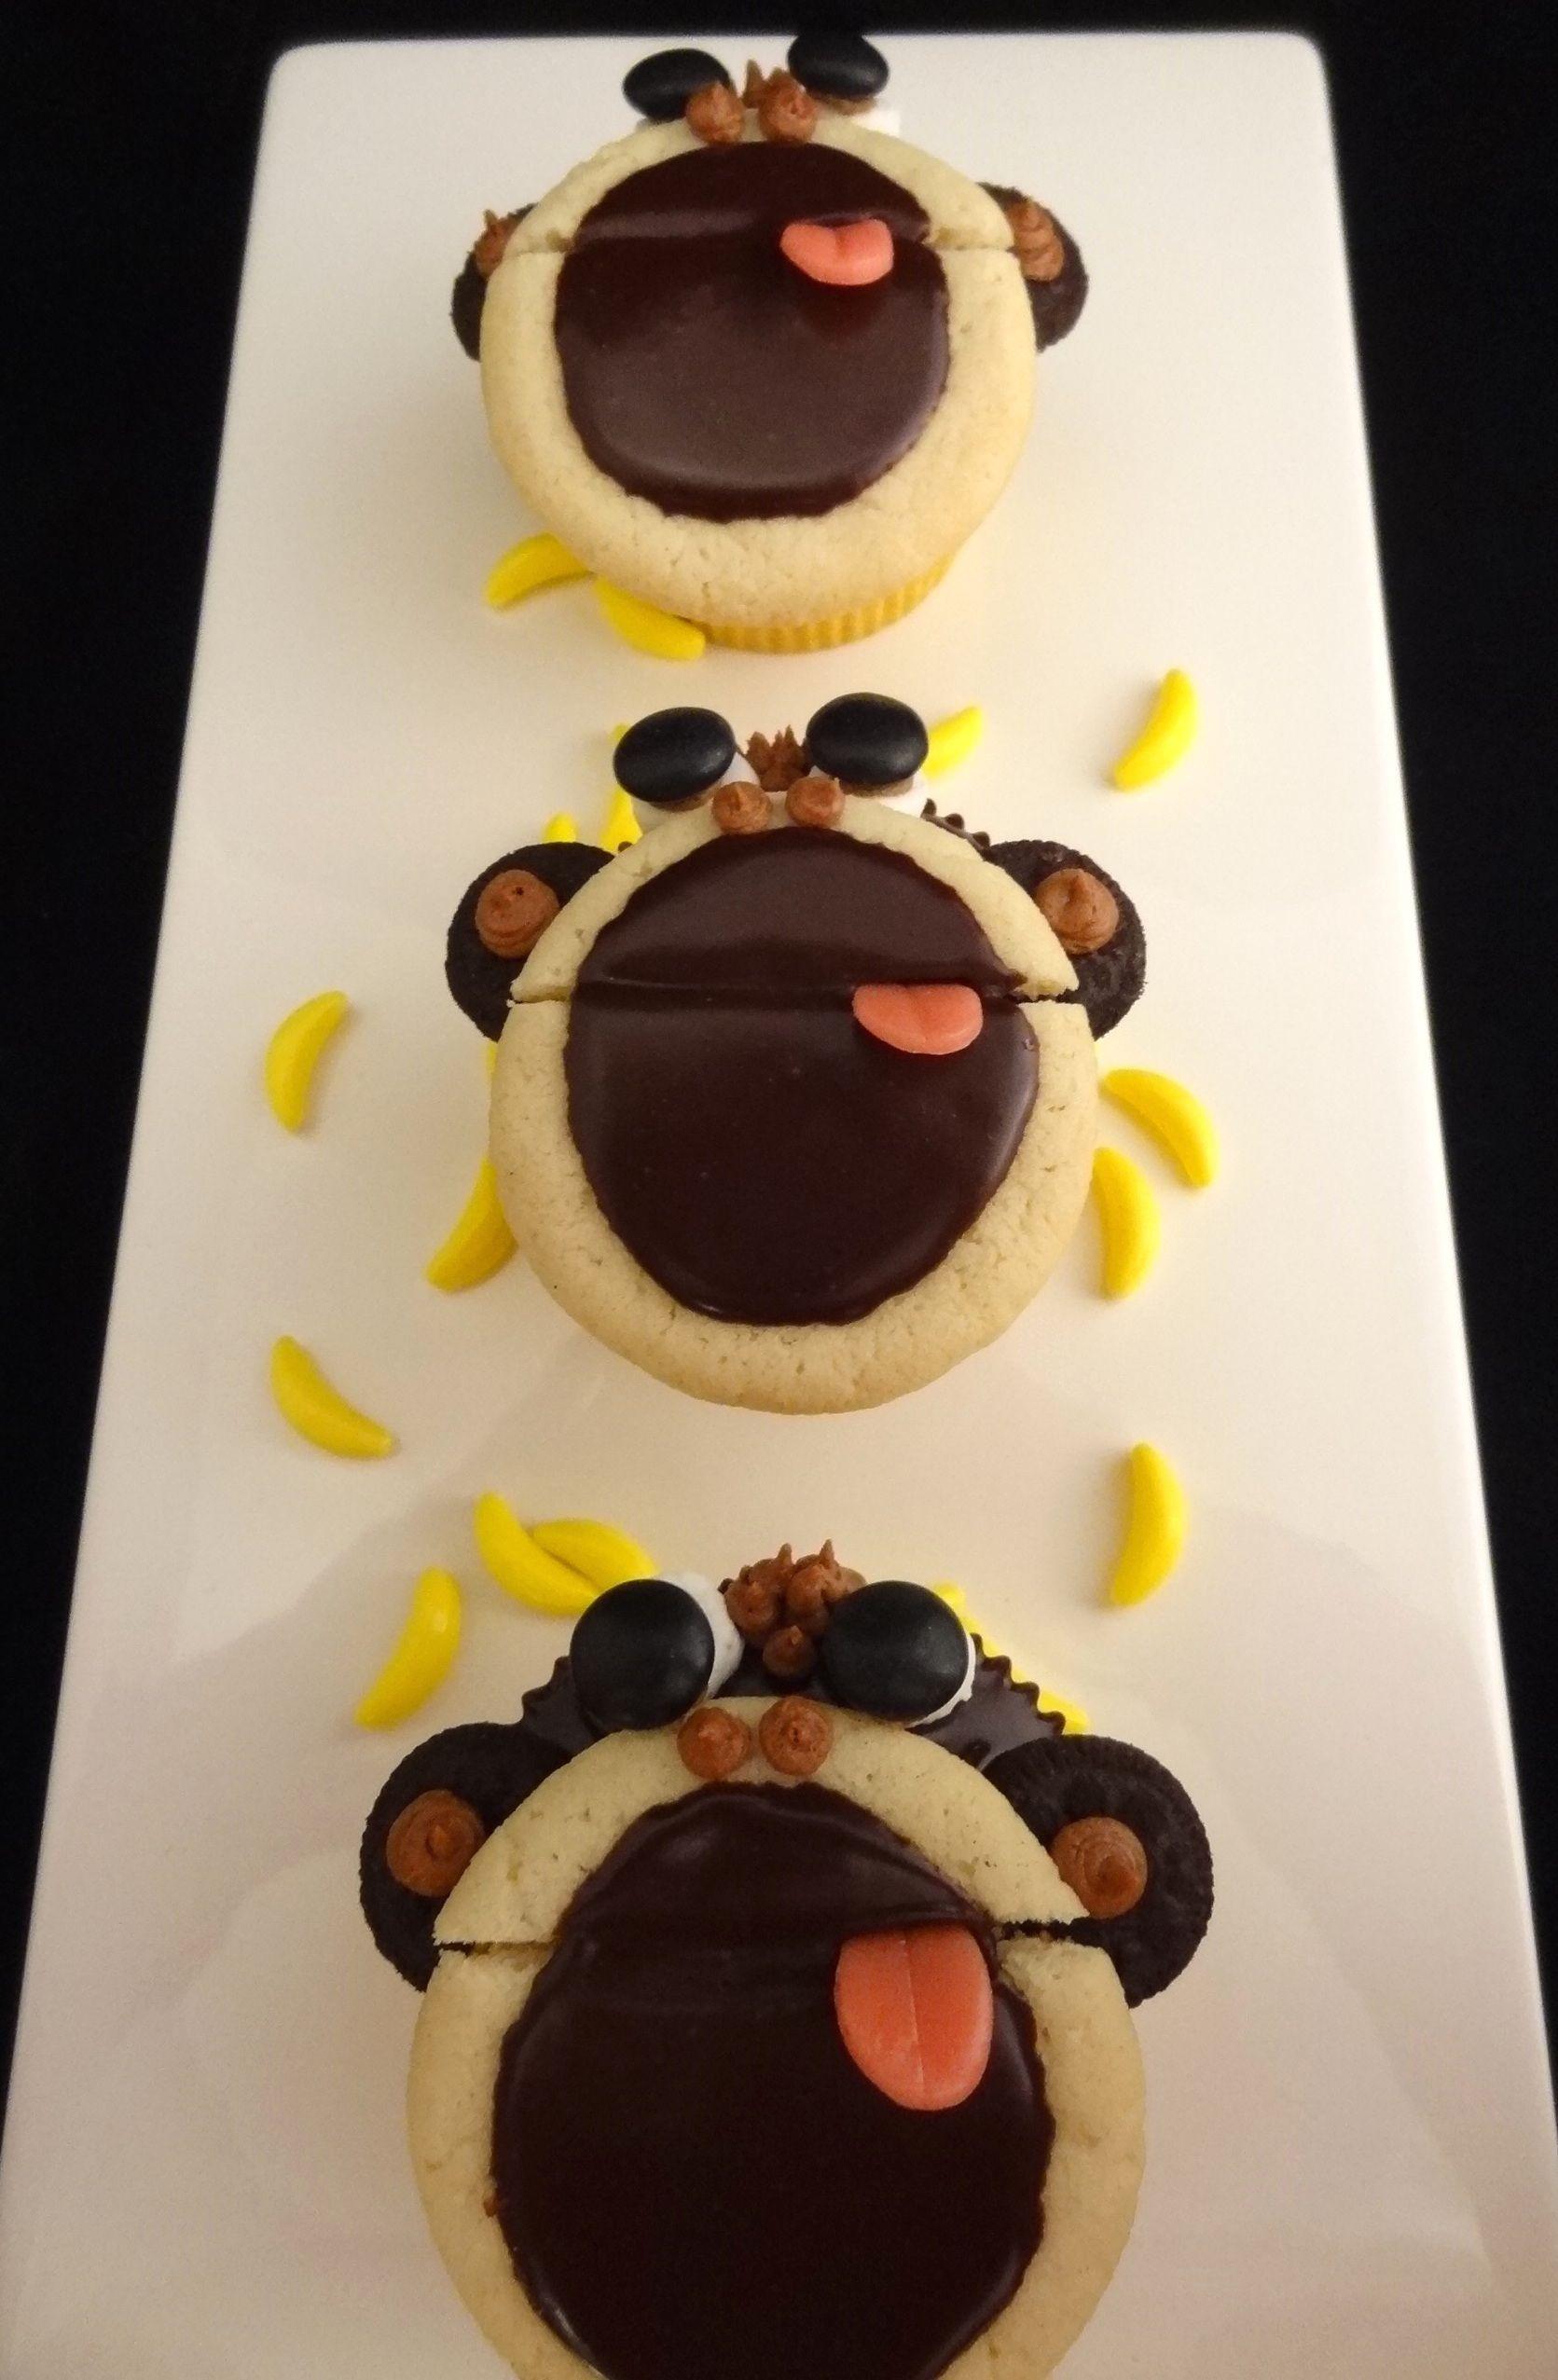 Monkey Cupcakes 2 (With images) | Cake decorating, Monkey ...